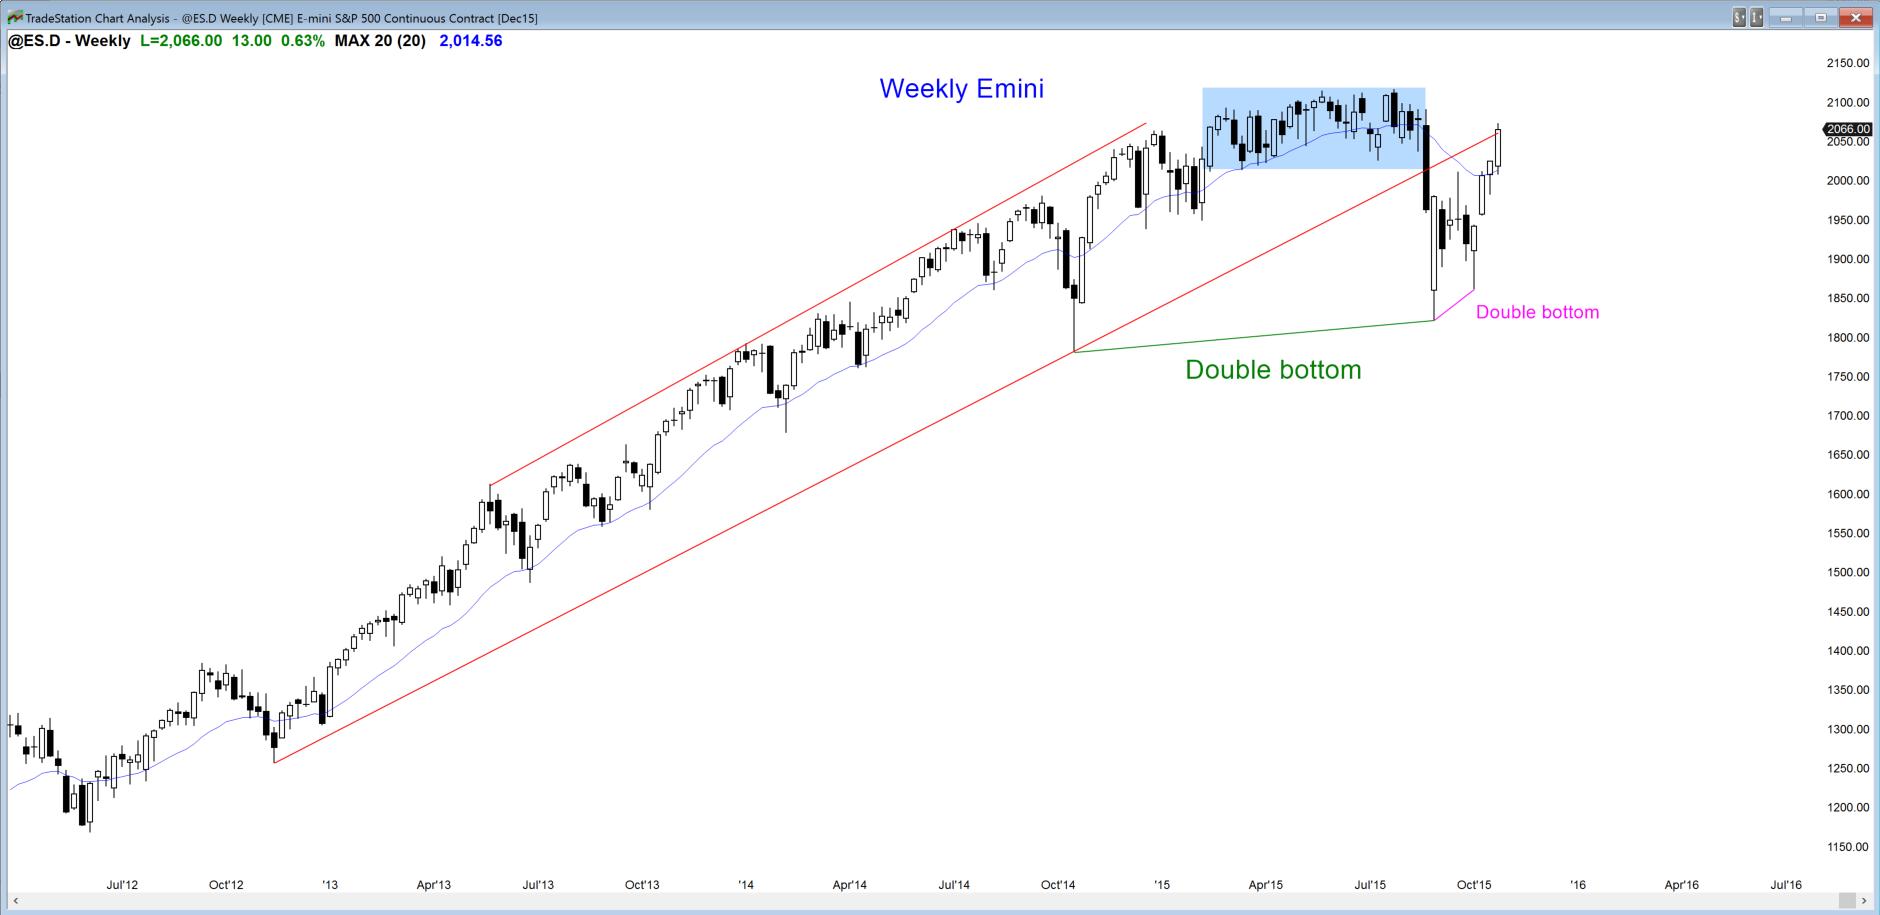 Tygodniowy wykres S&P500 Emini przyspieszył w zeszłym tygodniu po rozrysowaniu się słabych sygnałów zakupowych dwa tygodnie wcześniej.